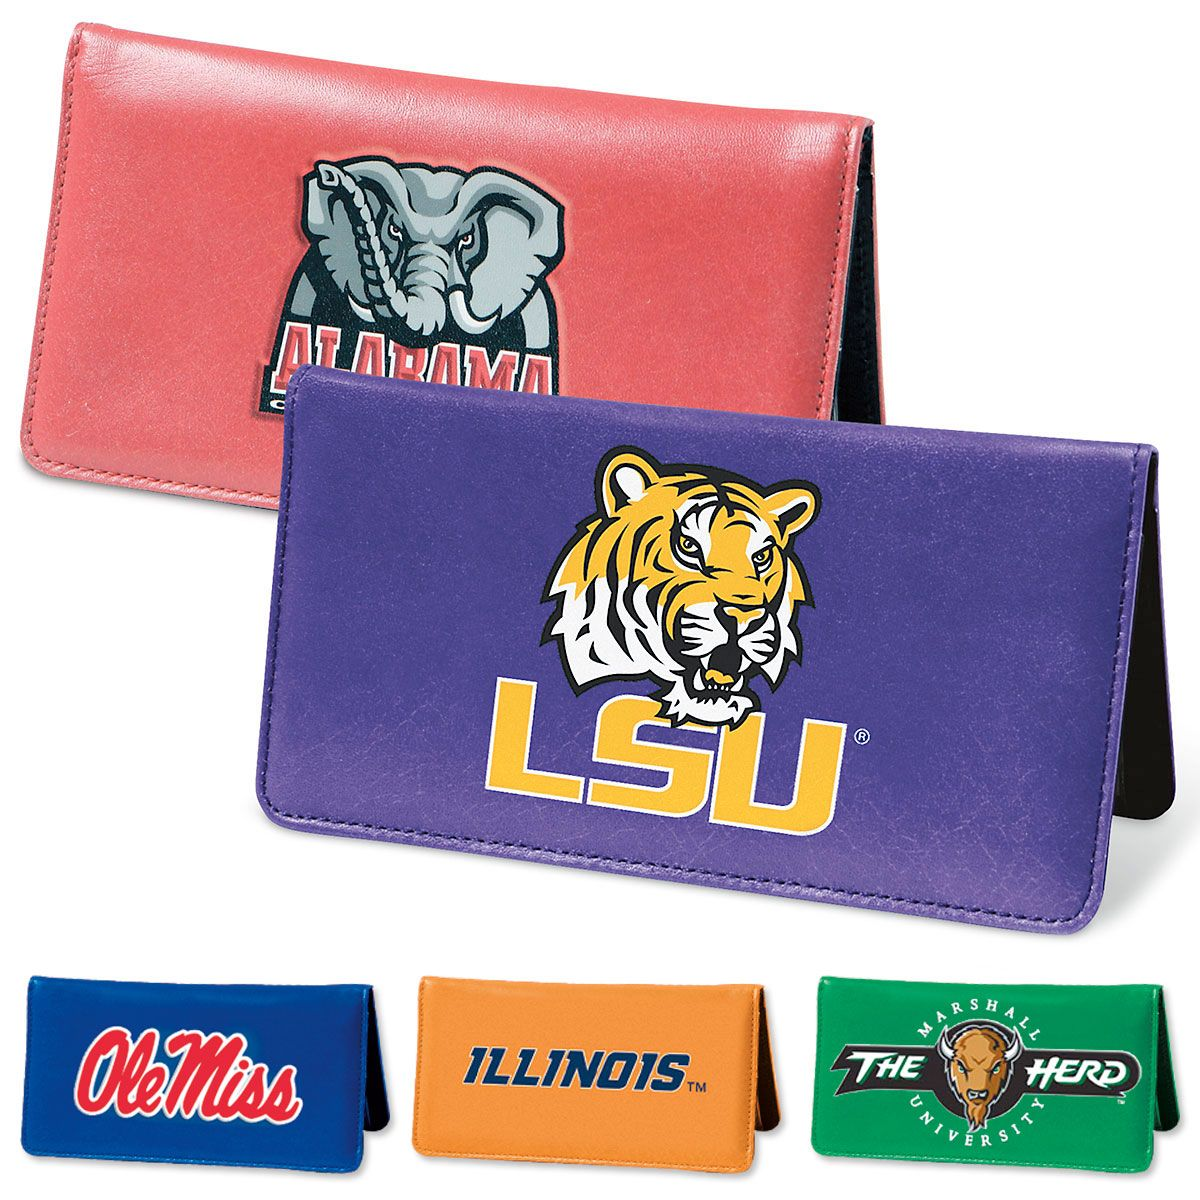 Collegiate Personal Checkbook Covers